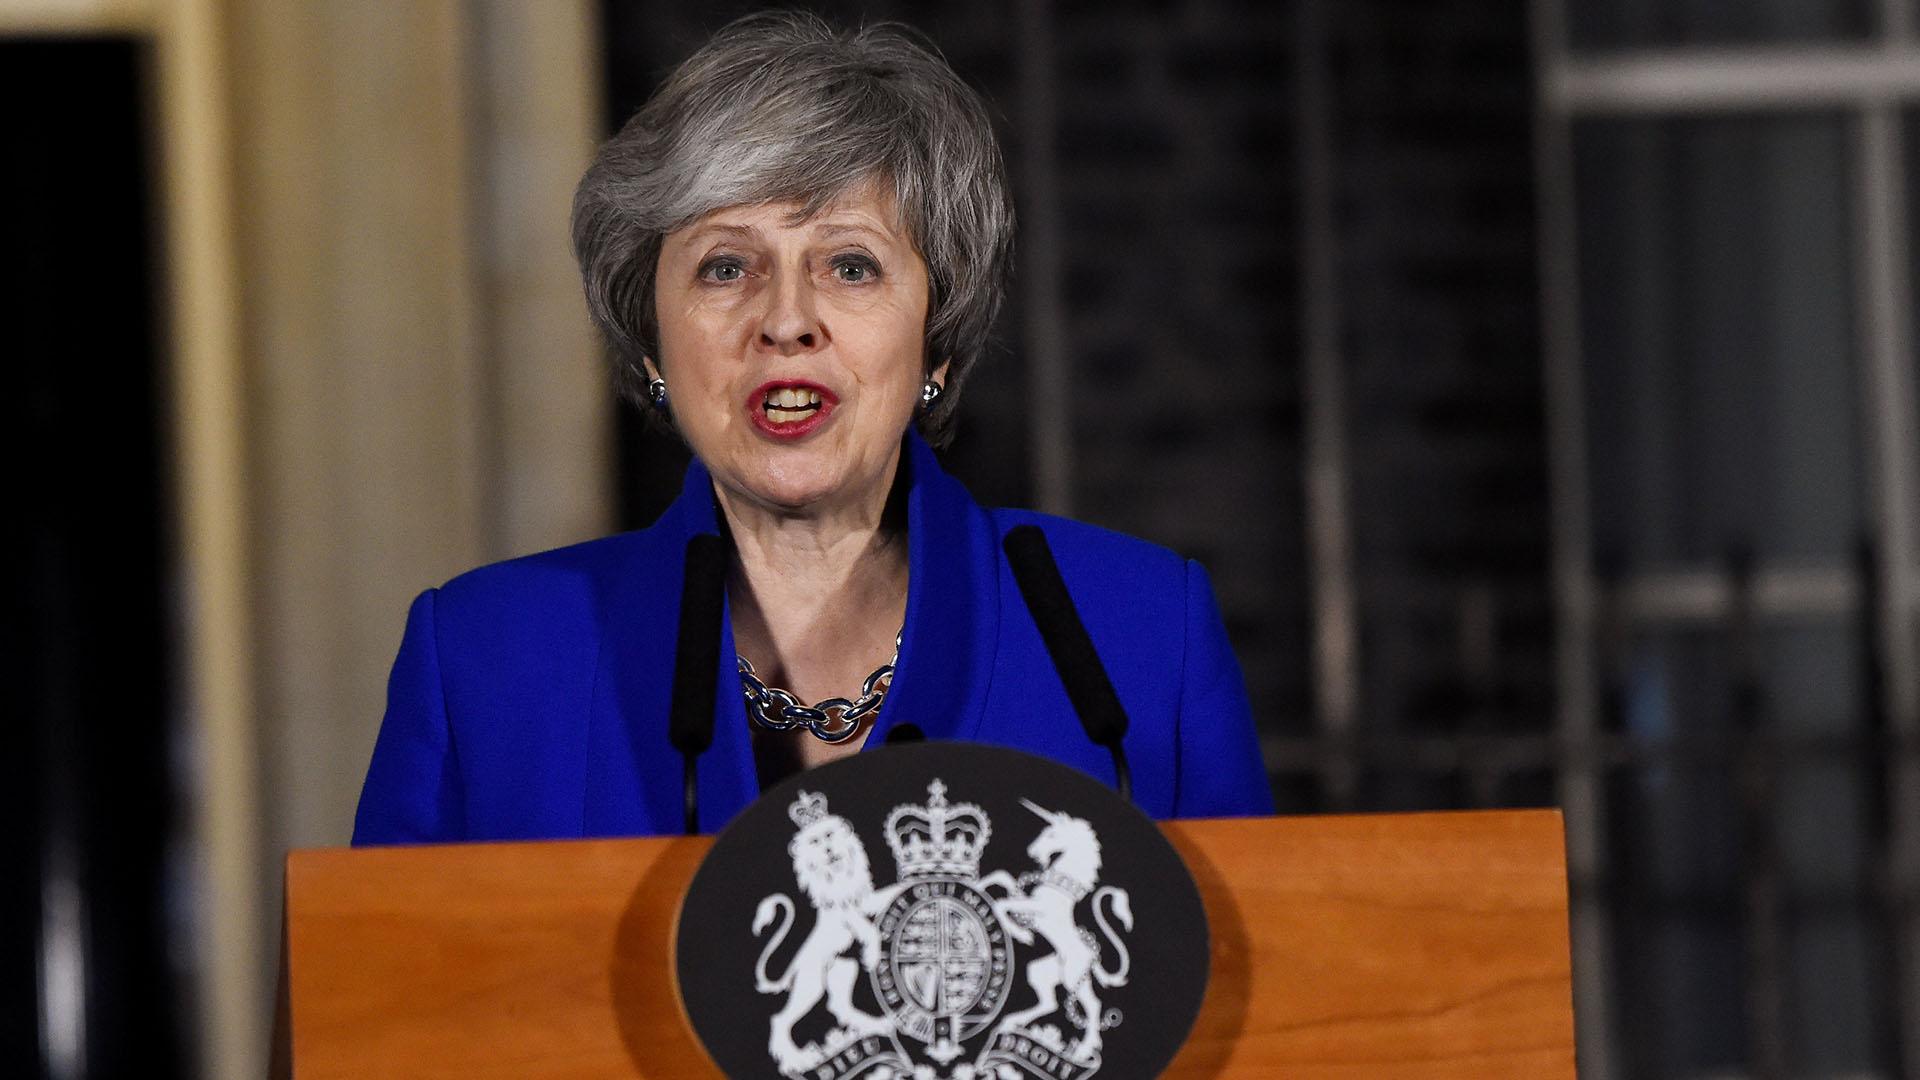 May pidió un nuevo impulso en las conversaciones con la UE (REUTERS/Clodagh Kilcoyne)